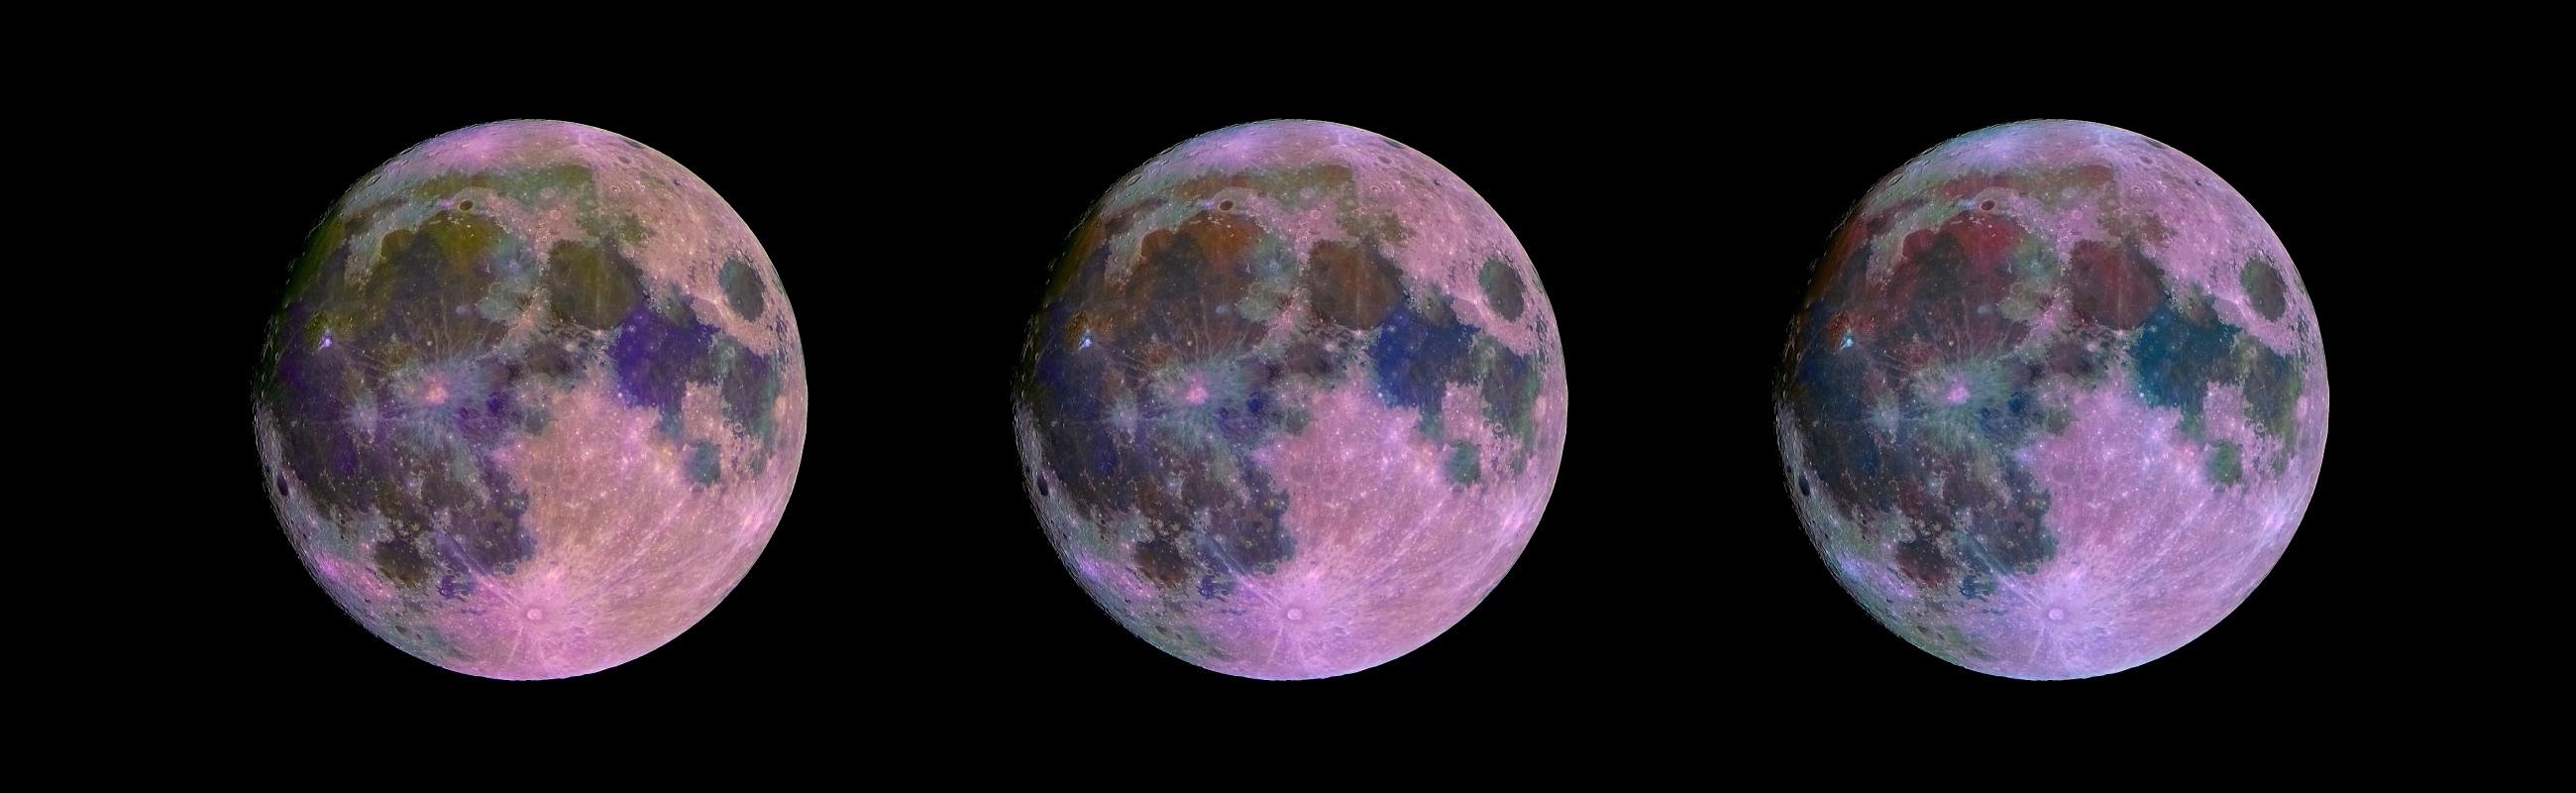 Moon- Venus Encounter